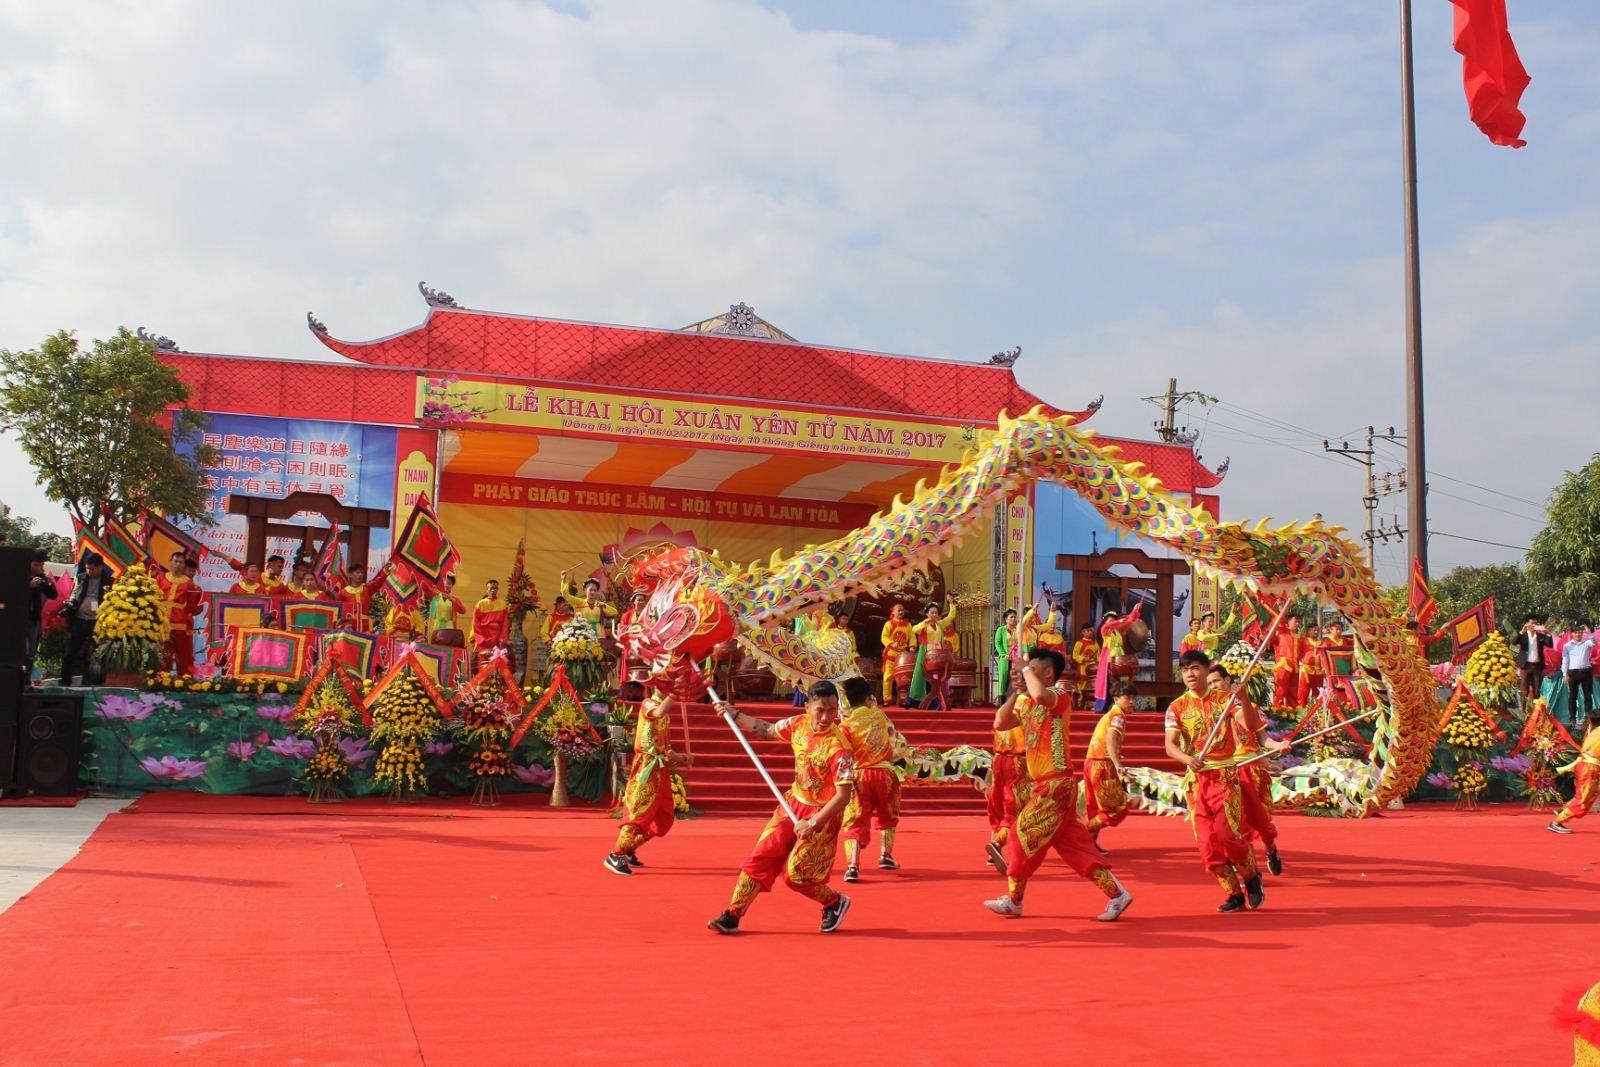 Tổ Chức Lễ Hội - Sự Kiện Cộng Đồng đơn giản với Danang Events